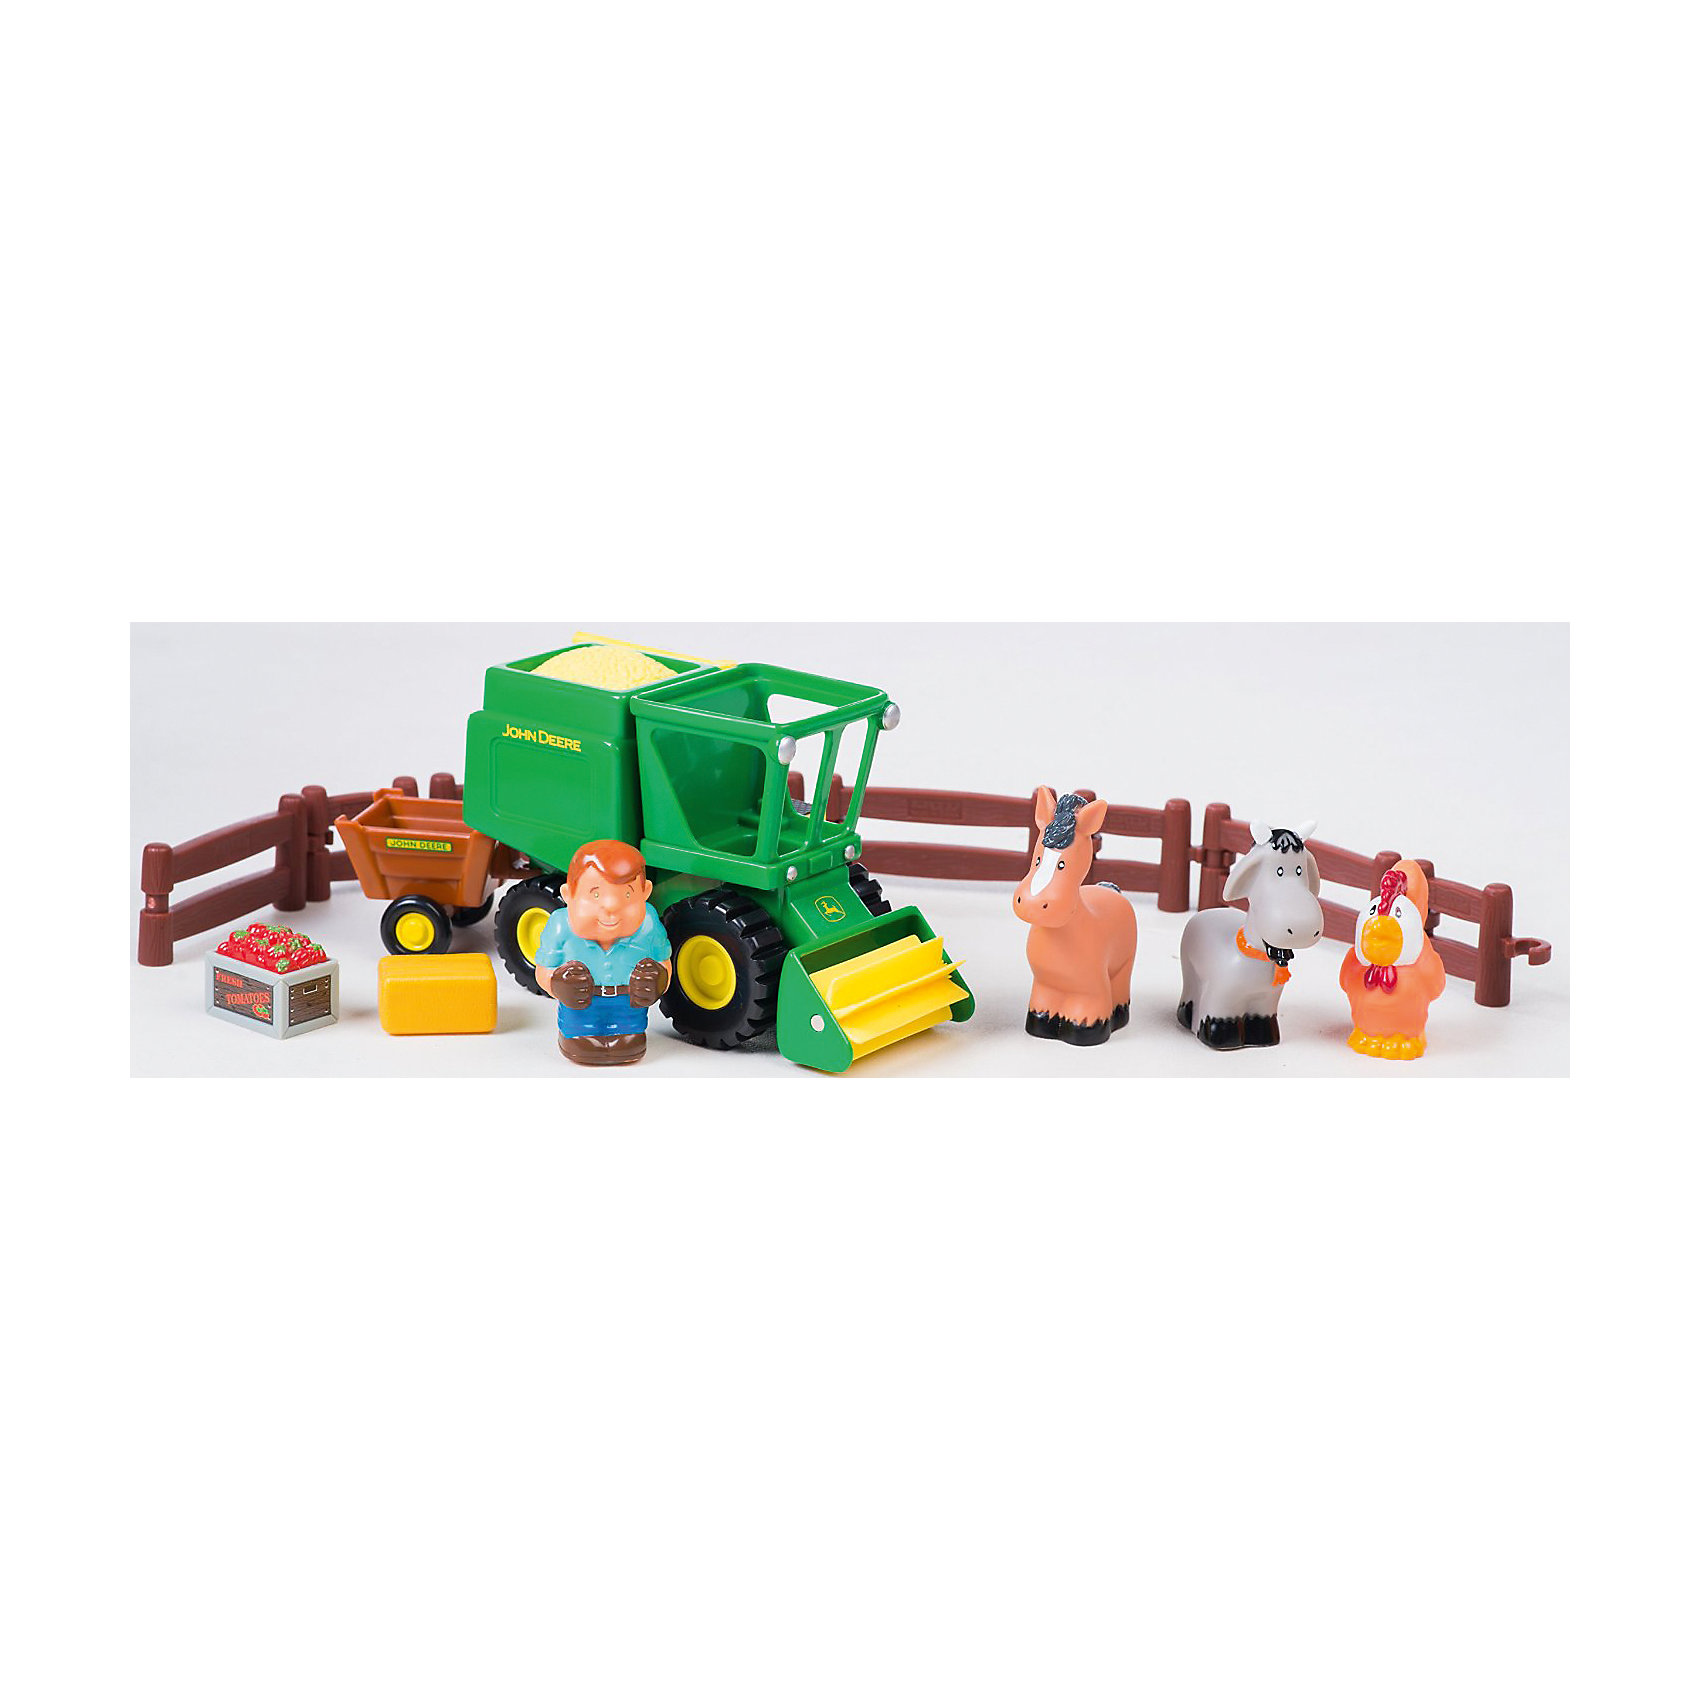 Игровой набор Уборка урожая, John Deere, TomyМашинки<br>Малыши стремятся узнавать что-то новое и учиться контактировать с окружающим пространством. Сделать процесс познавания мира для малышей - просто! Оригинальный игровой набор Погрузка урожая понравится любителям техники, животных или сельской тематики. В него входит трактор, фигурки фермера, коровы,  лошади, петуха и аксессуары.<br>Этот набор надолго займет ребенка! Игра с ним помогает детям развивать мелкую моторику, внимательность и познавать мир. Обучающая игрушка сделана из качественных и безопасных для ребенка материалов.<br><br>Дополнительная информация:<br><br>цвет: разноцветный;<br>размер упаковки:  40 х 14 х 29 см;<br>комплектация: трактор, фигурки фермера, коровы, петуха, лошади и аксессуары;<br>вес: 233 г;<br>материал: пластик.<br><br>Погрузка урожая, Tomy, John Deere можно купить в нашем магазине.<br><br>Ширина мм: 400<br>Глубина мм: 140<br>Высота мм: 290<br>Вес г: 223<br>Возраст от месяцев: 36<br>Возраст до месяцев: 2147483647<br>Пол: Унисекс<br>Возраст: Детский<br>SKU: 4918477